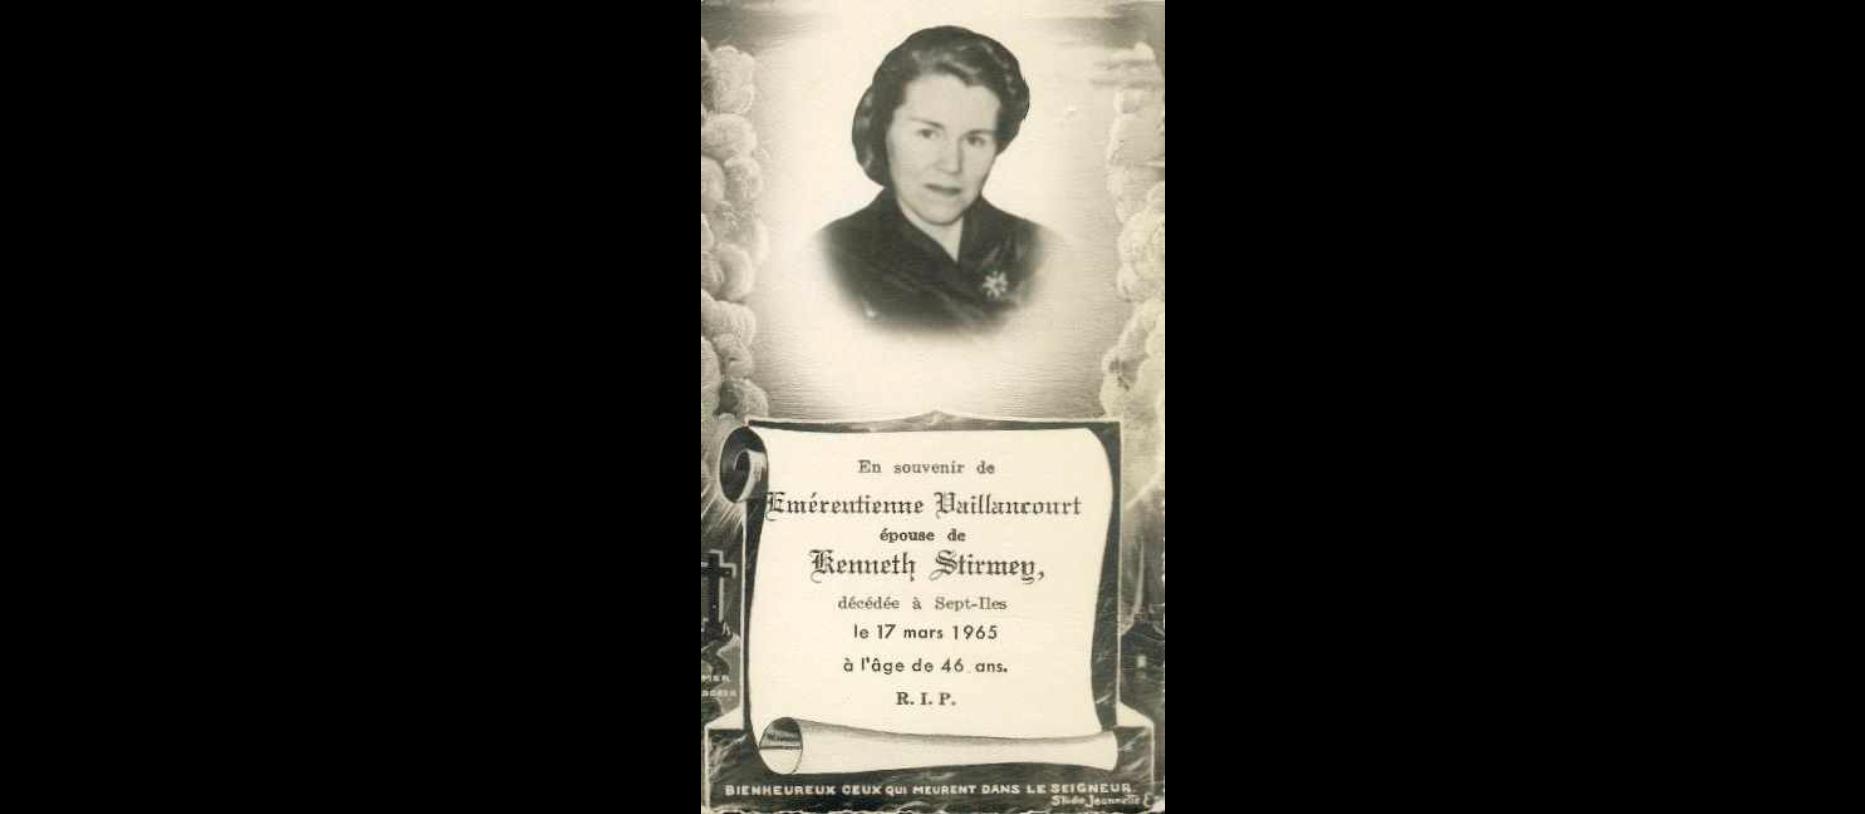 Emerentienne Vaillancourt 1919-1965